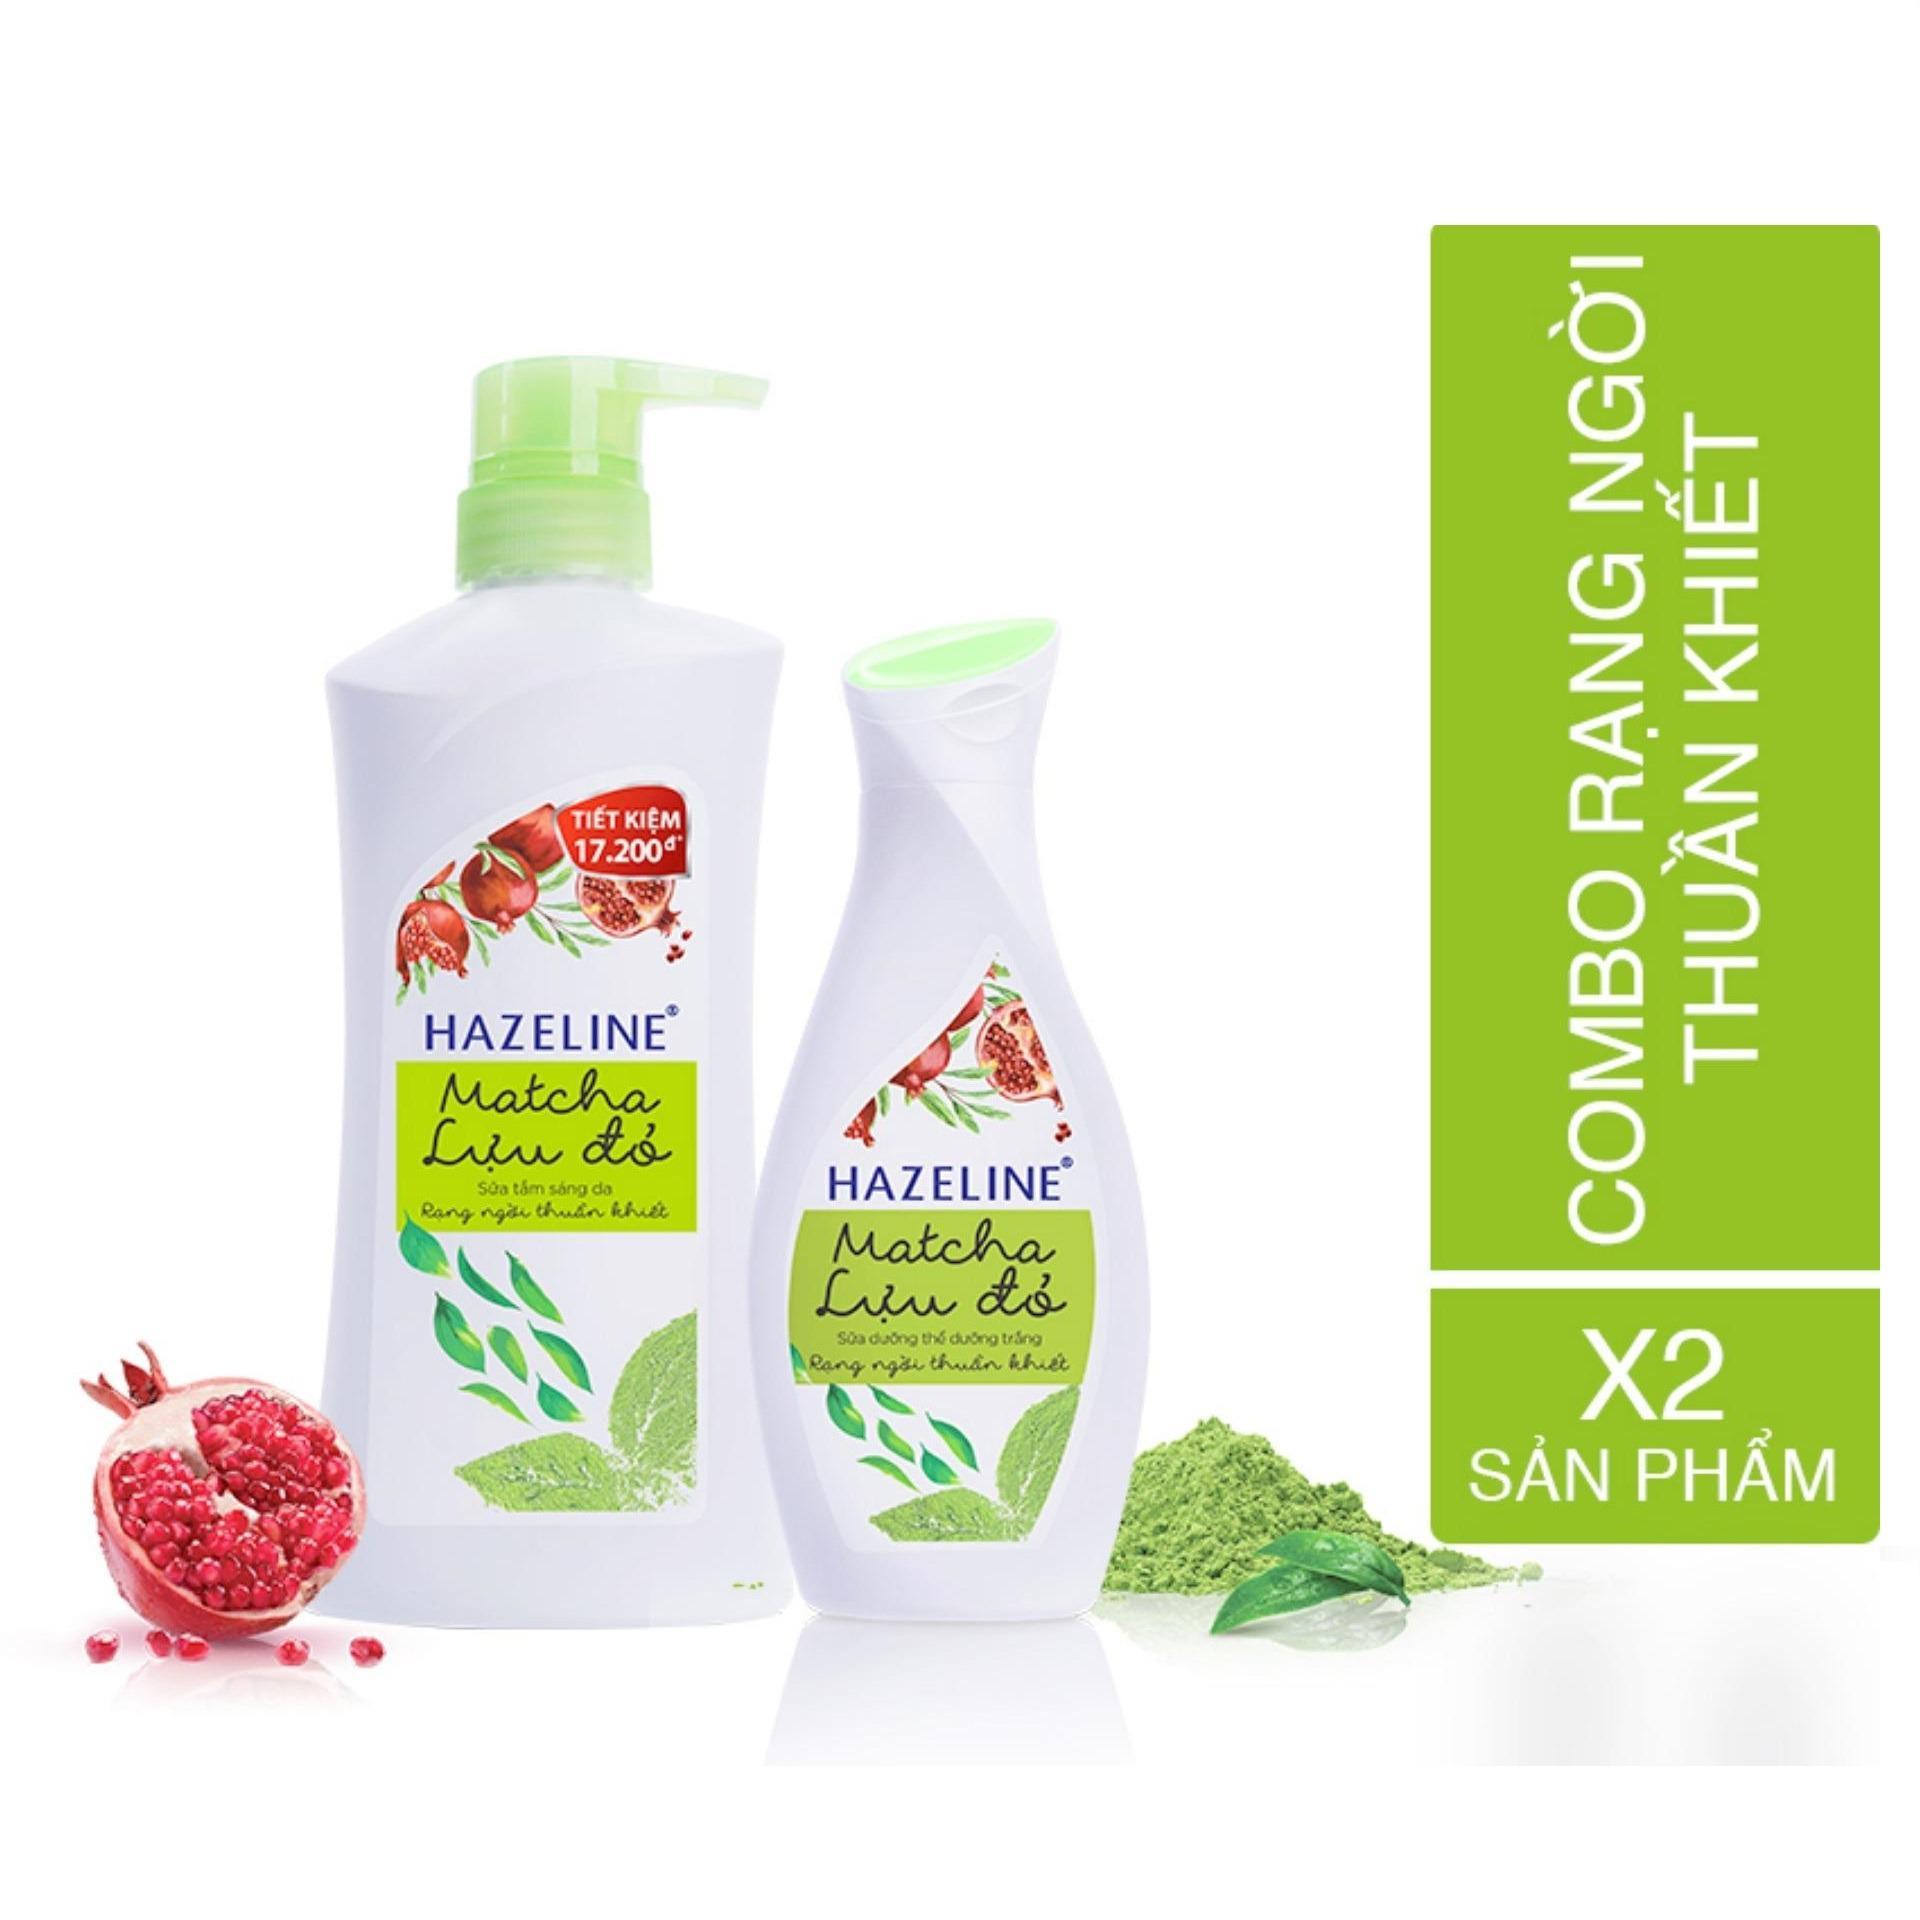 Bộ đôi dưỡng trắng cơ thể Hazeline Matcha - Lựu đỏ (Sữa tắm Hazeline 700g + Sữa dưỡng thể 230ml)